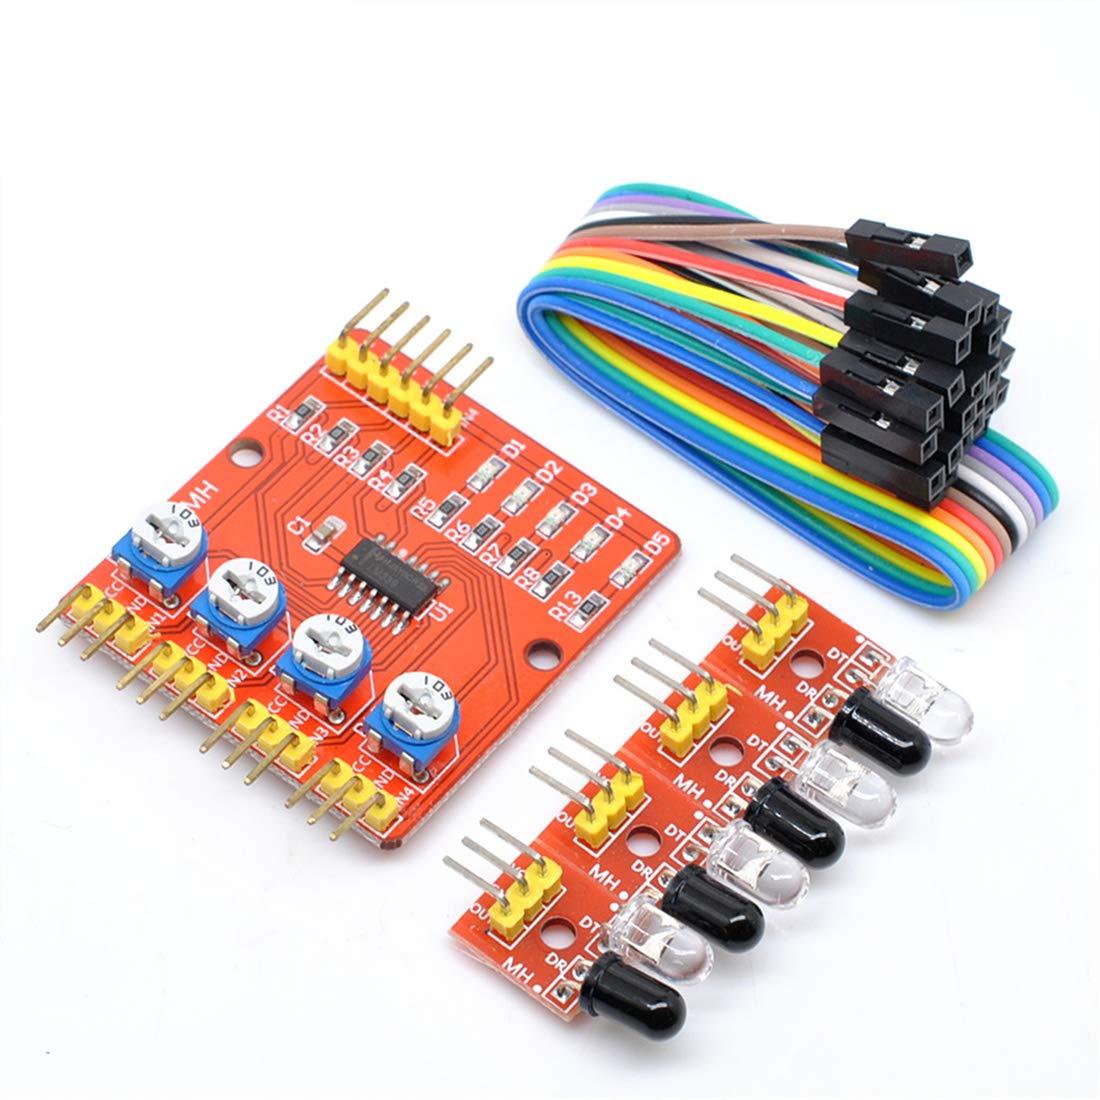 willwin 2pcs seguimiento mó dulo sensor de detecció n de infrarrojos mó dulo DIY para Arduino 4 canal